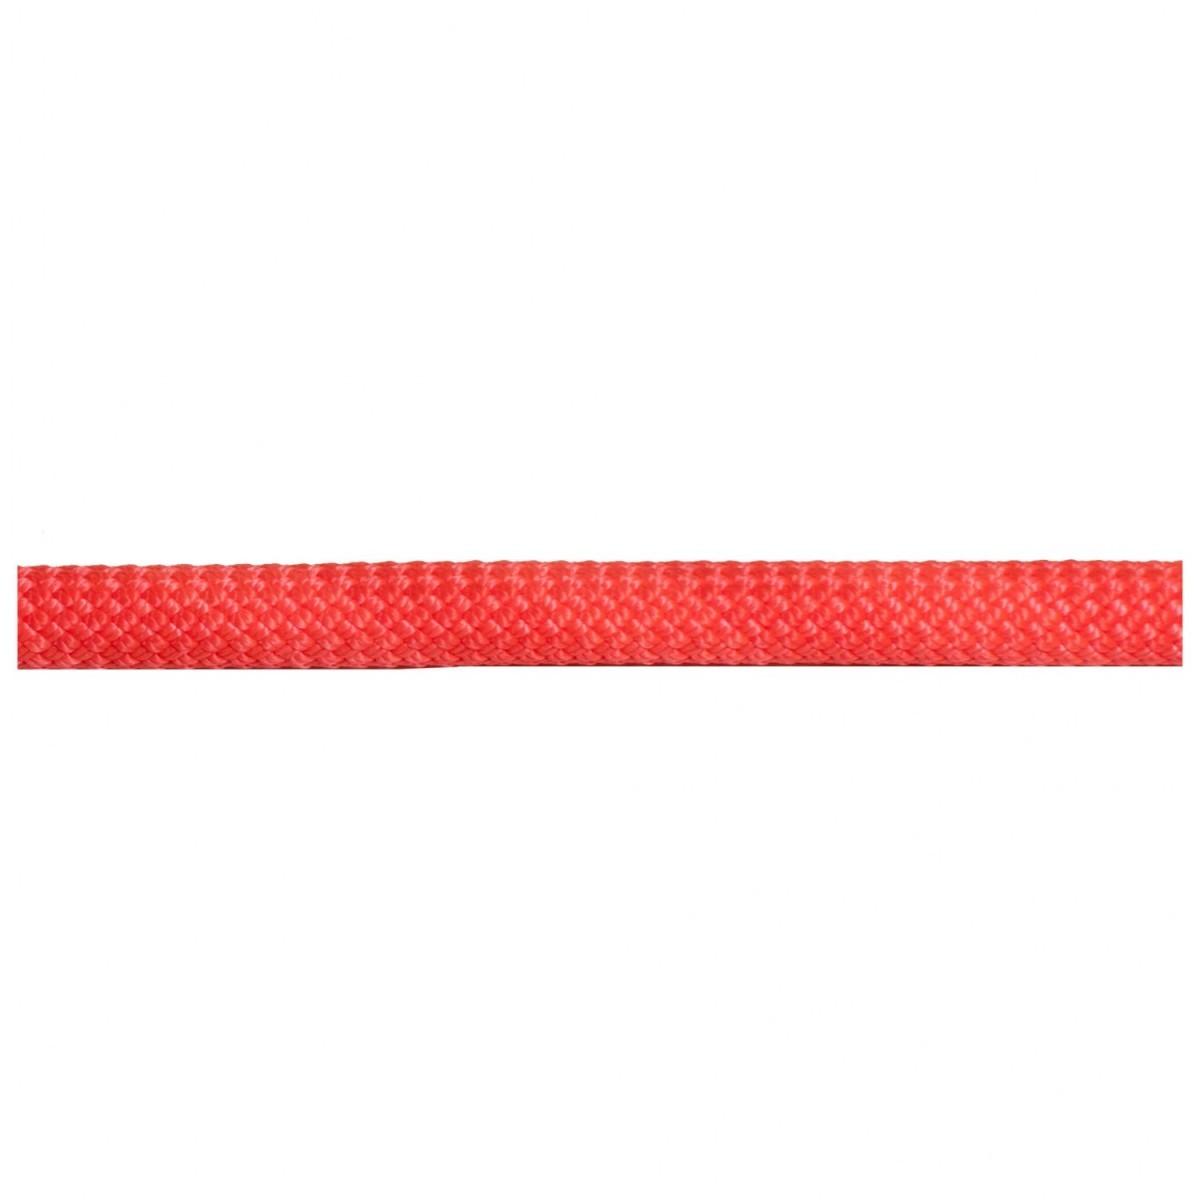 BEAL べアール Joker 9.1 mm (50m - Orange)★ロープ・ザイル・登山・クライミング★